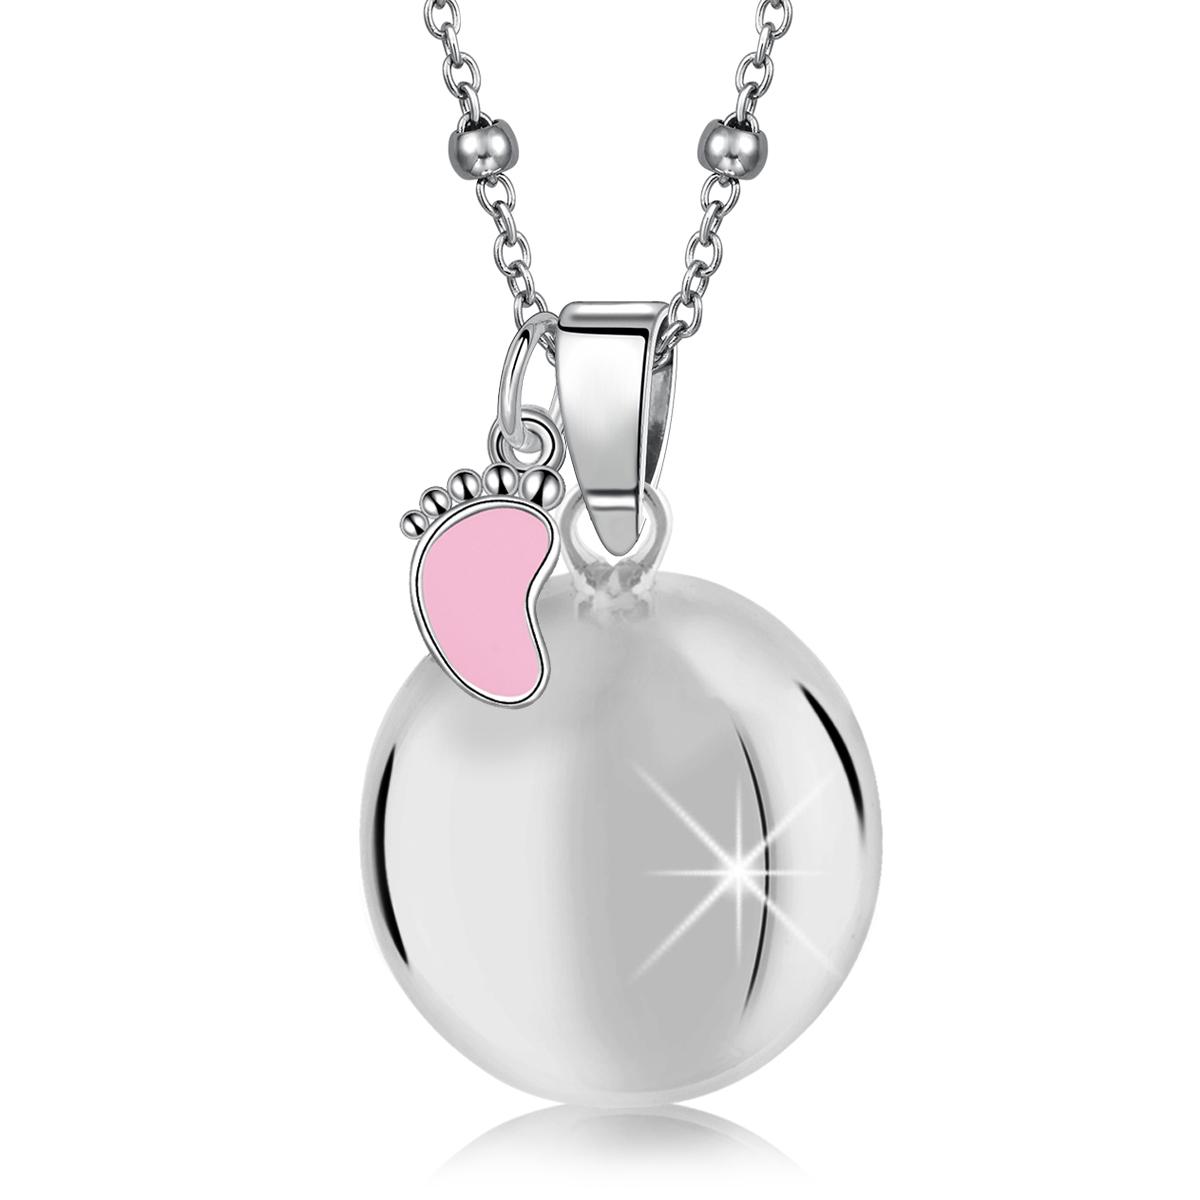 MAMIJUX® pink enameled baby foot harmony ball